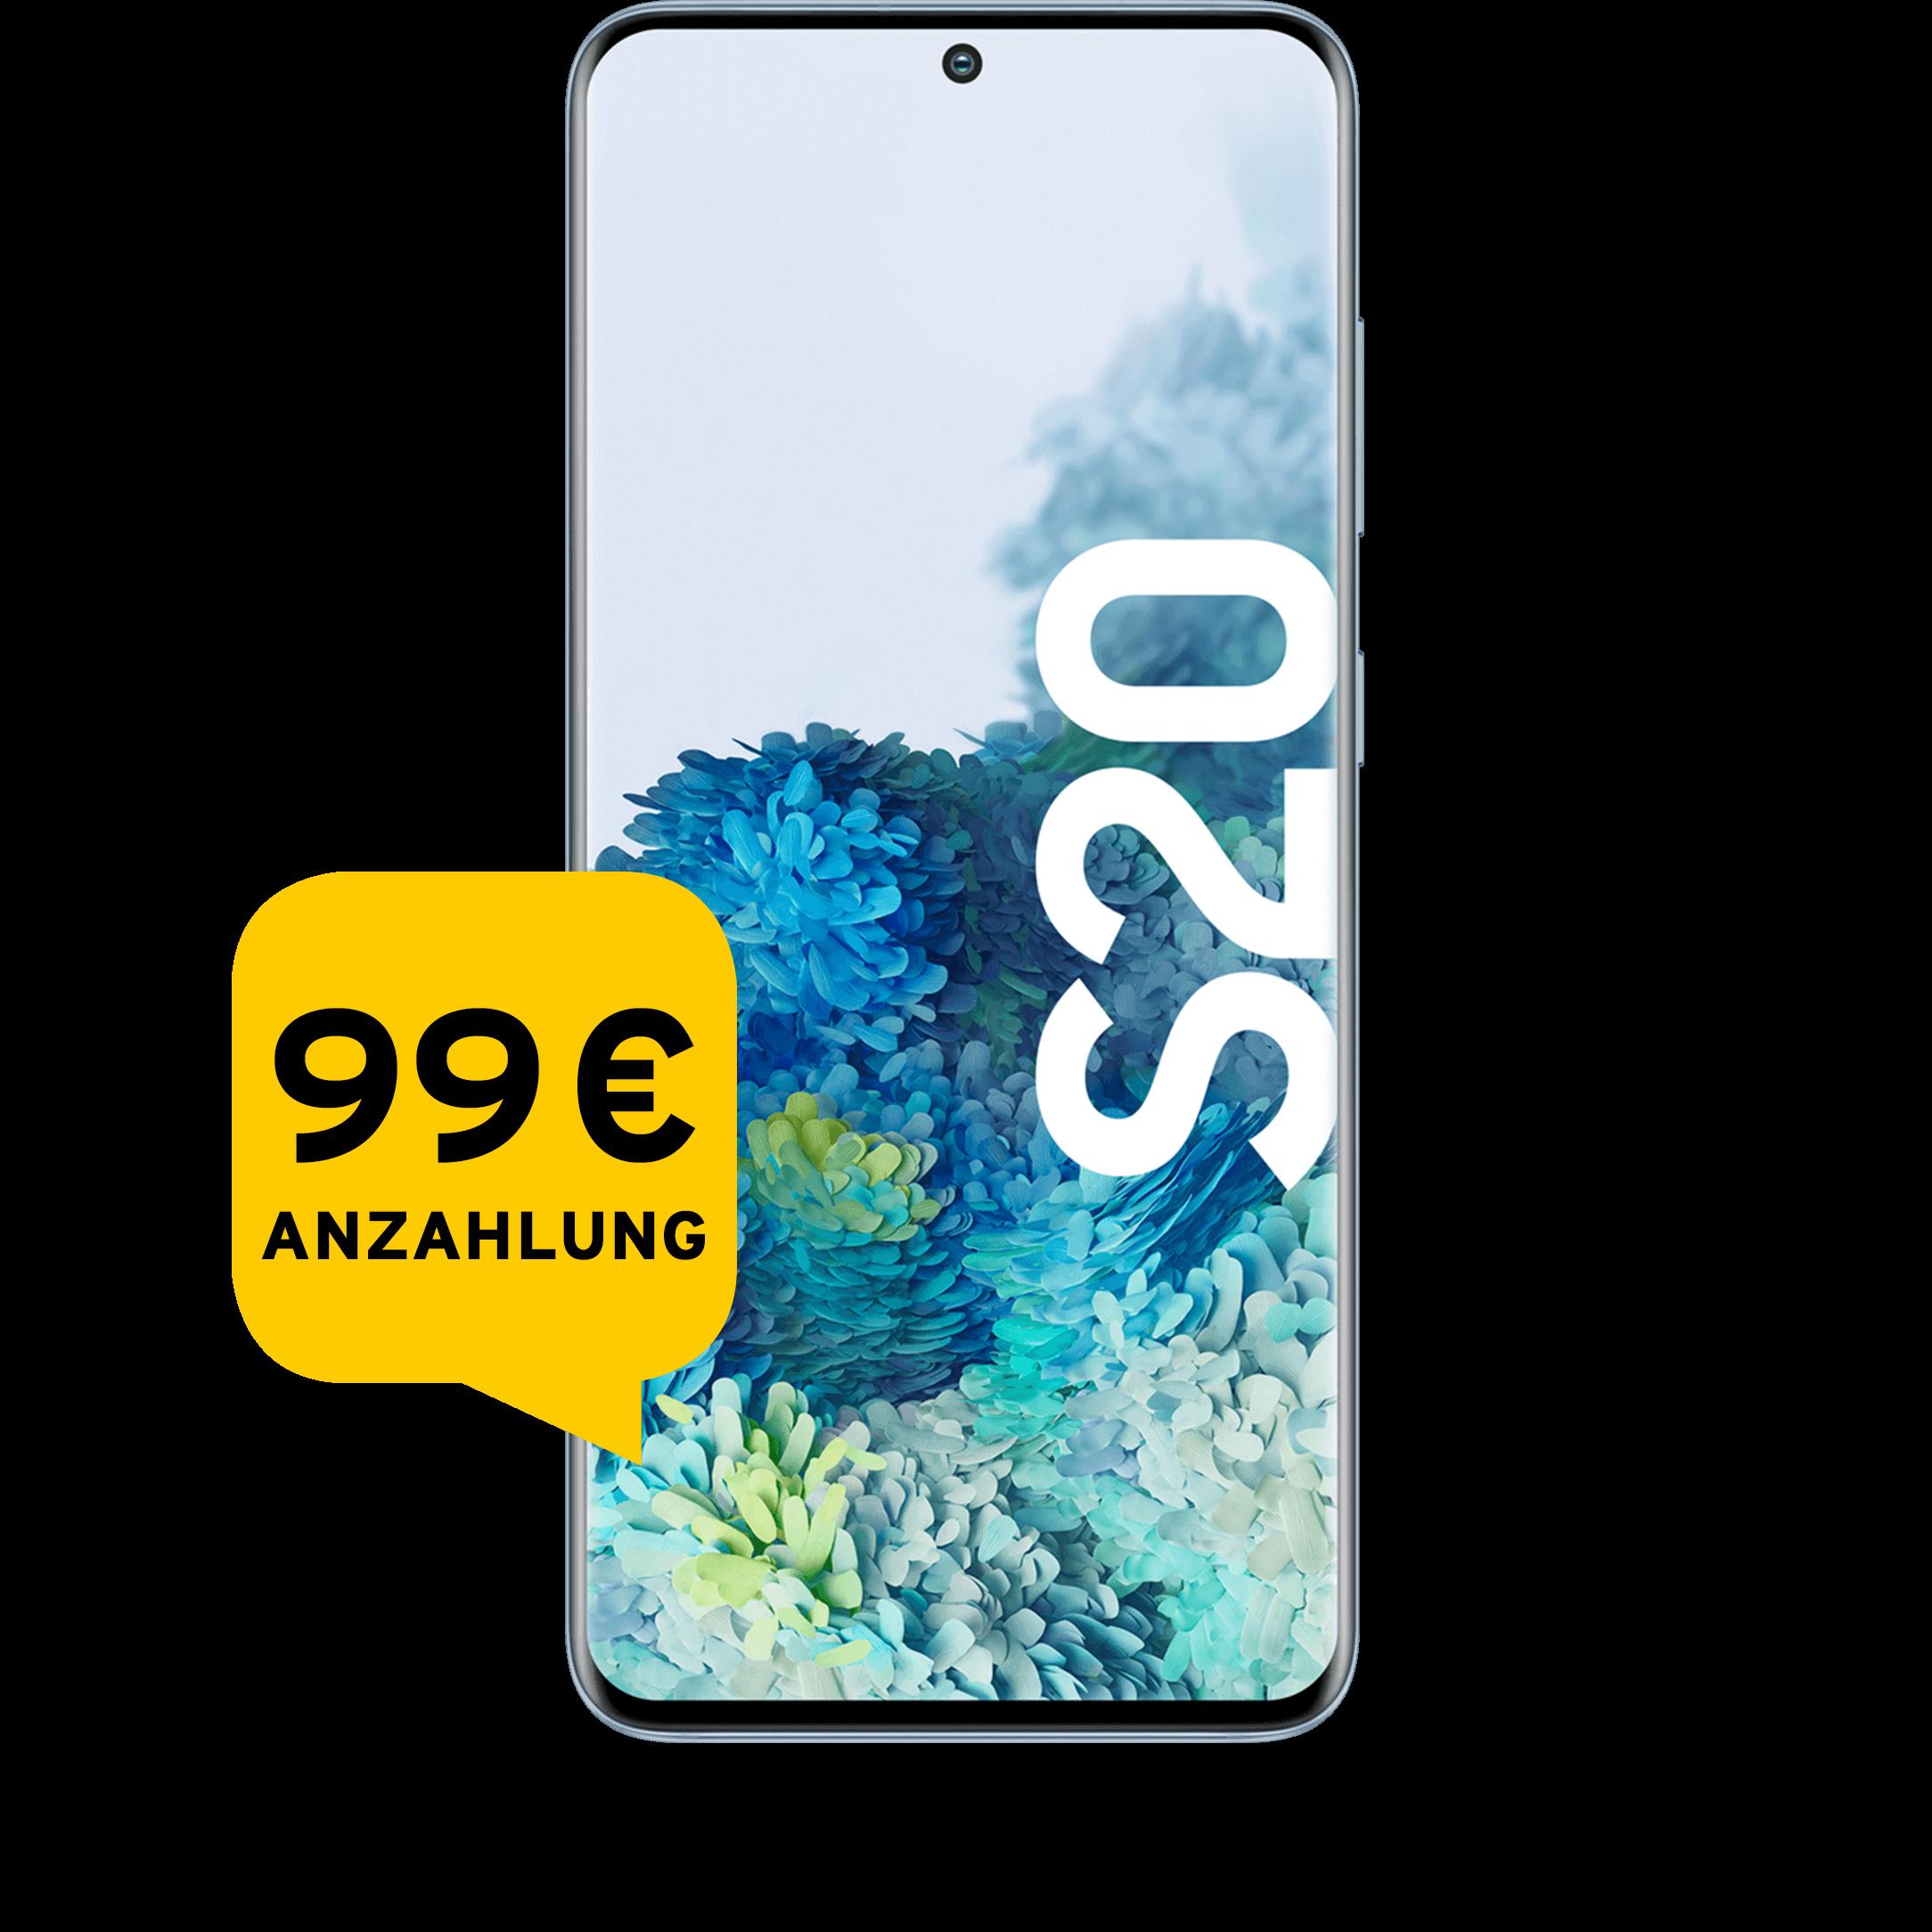 Günstig Kaufen beim Preisvergleich-Samsung Galaxy S20 128 GB light blue Aktion mit Allnet Flat Plus